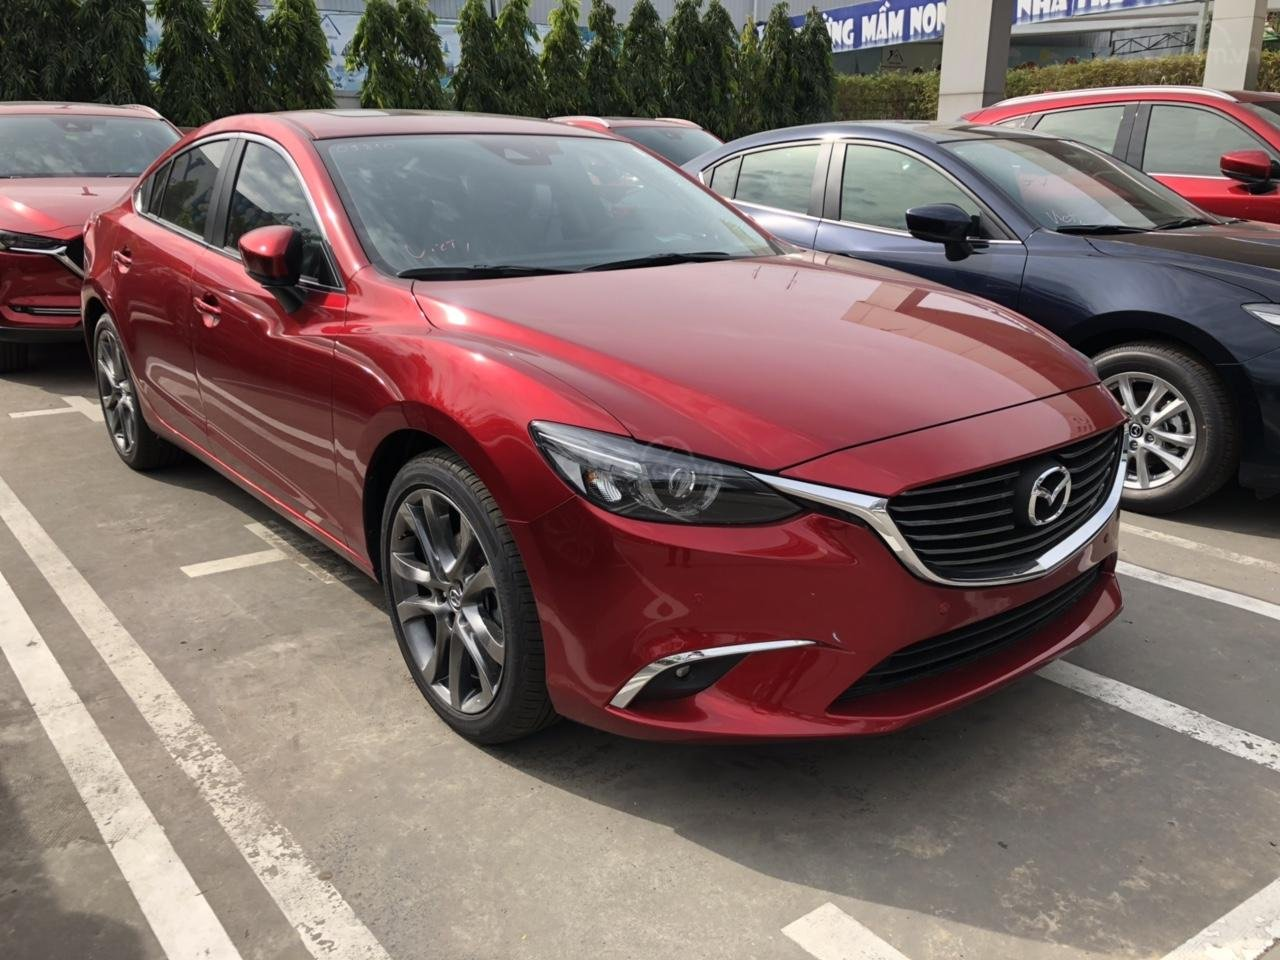 Bán Mazda 6 Luxury màu đỏ, giá tốt (4)